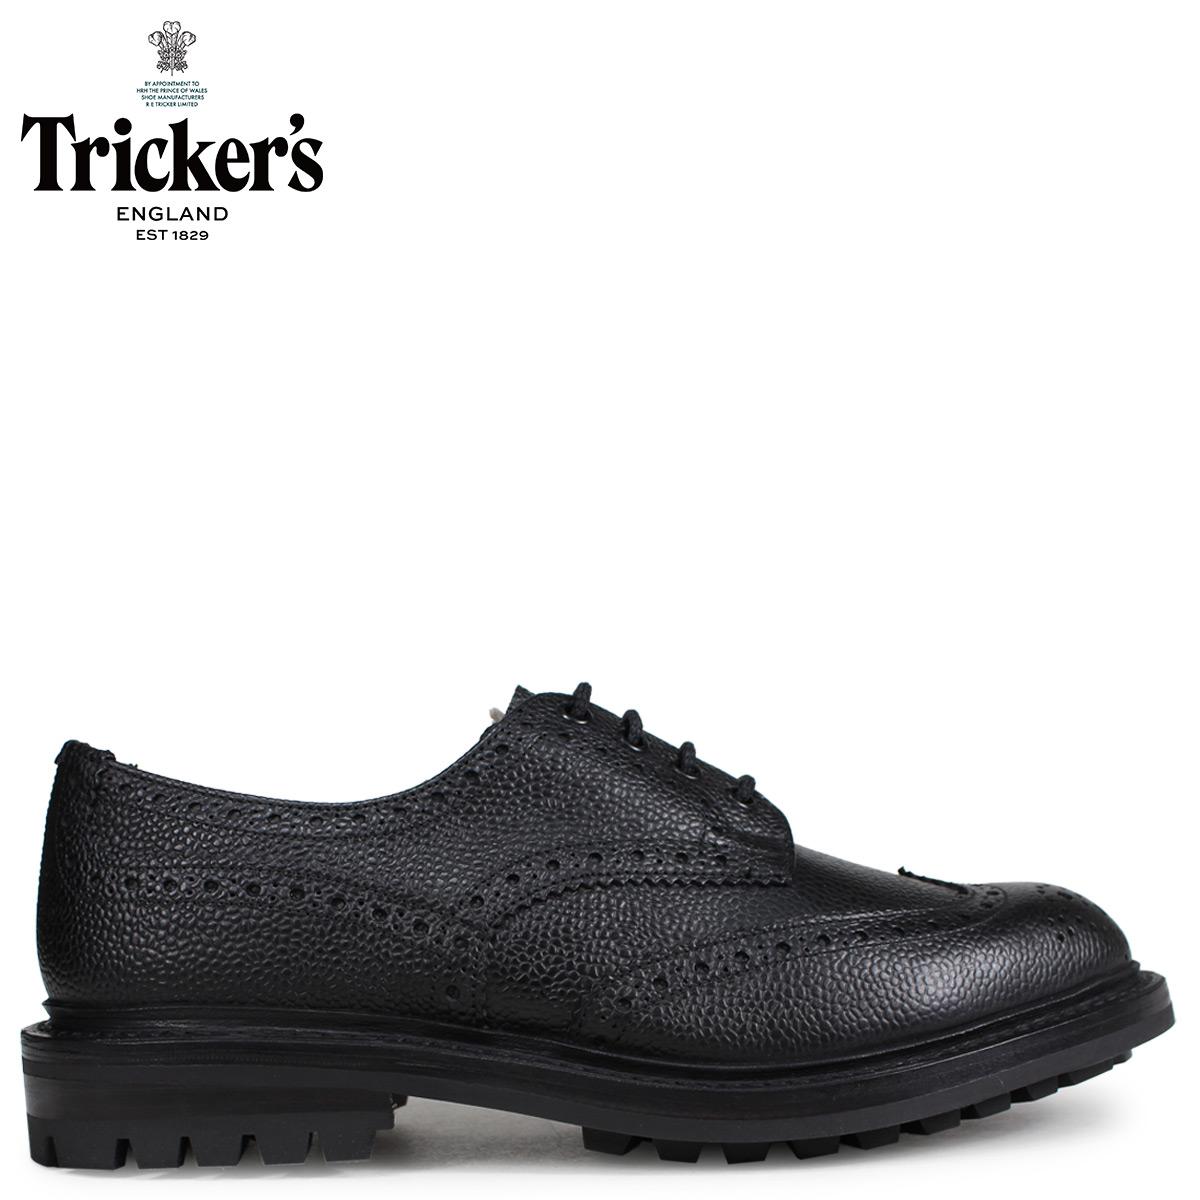 Trickers トリッカーズ ウイングチップ シューズ ILKLEY 5ワイズ メンズ ブラック 黒 3087